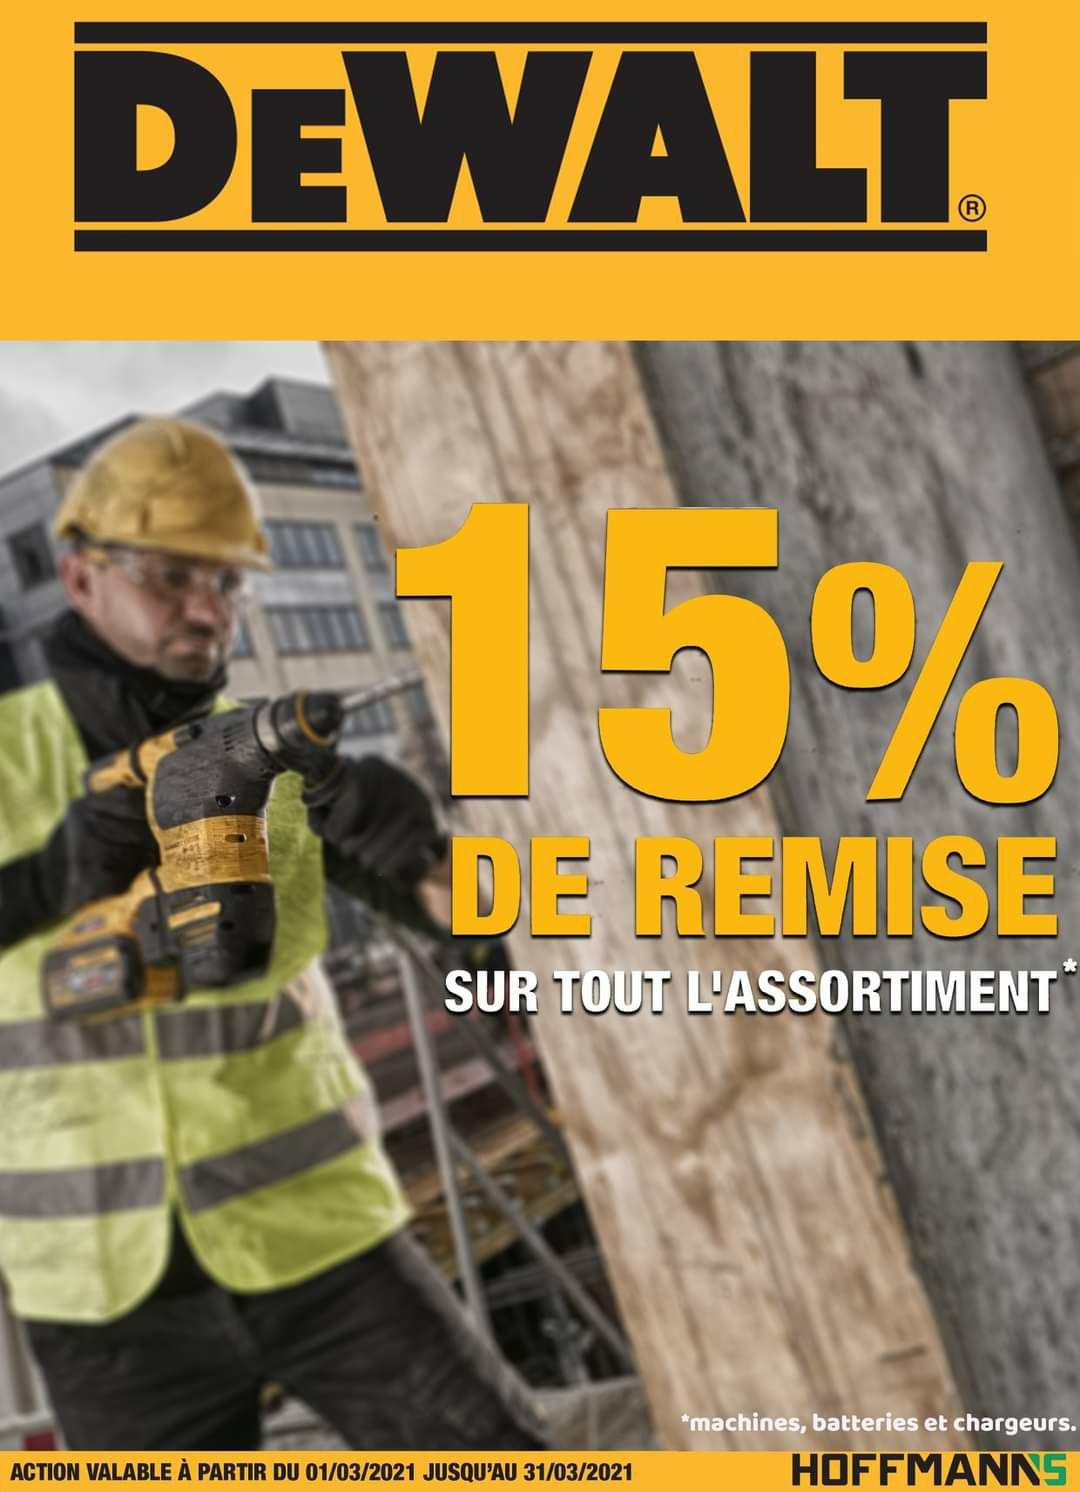 15% de réduction sur toute la gamme Dewalt - Hoffmann's (Frontaliers Luxembourg)